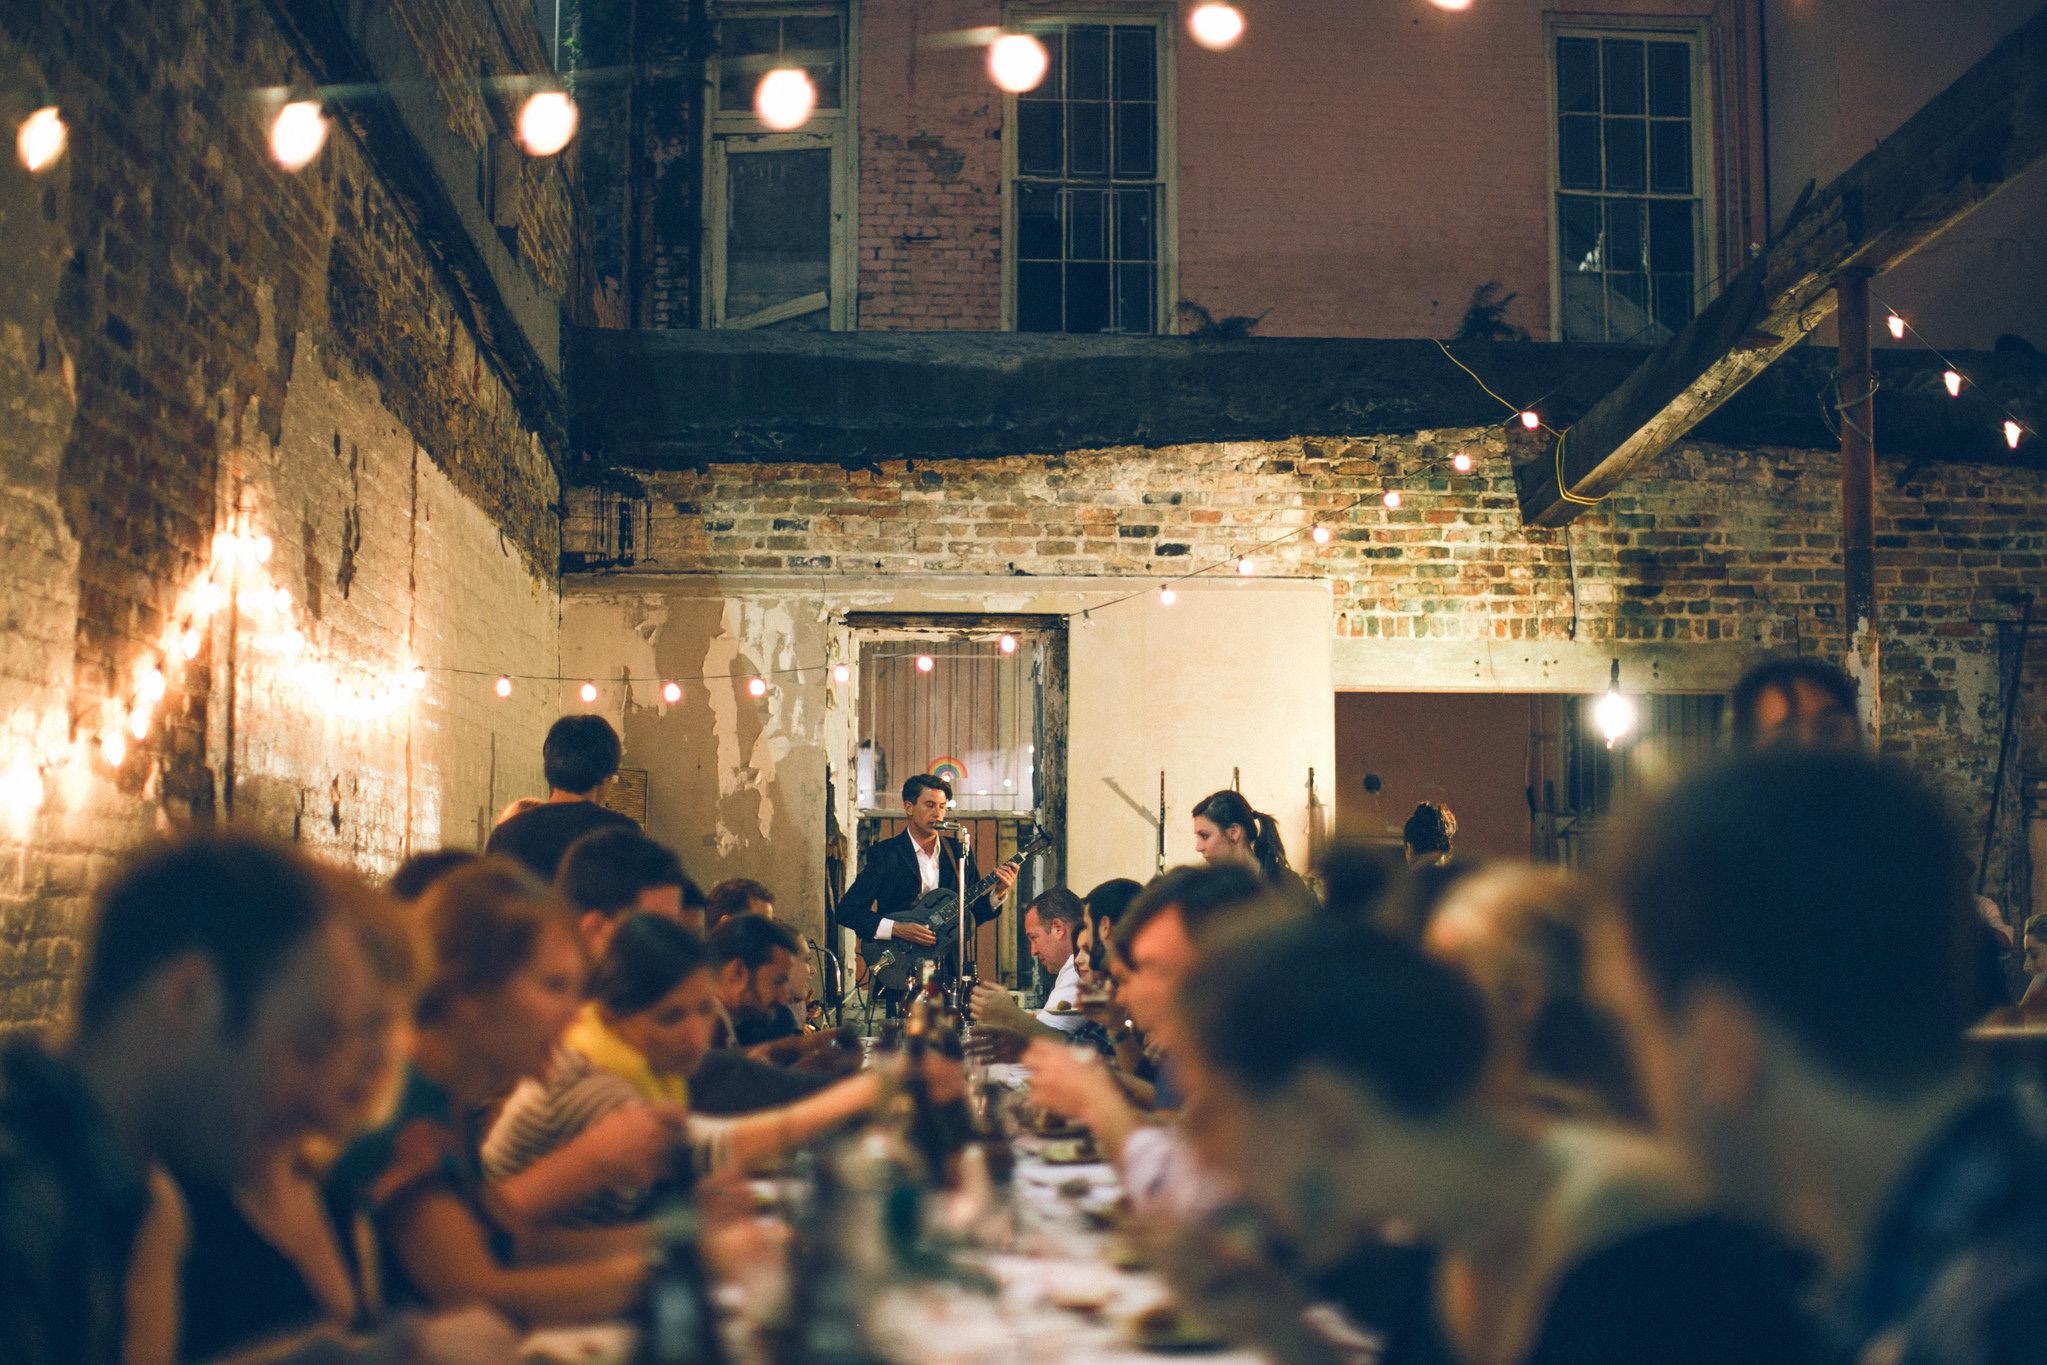 Что такое поп-ап ресторан? Что такое поп-ап ресторан? dinner lab 2jpg 60a903700c0cccab